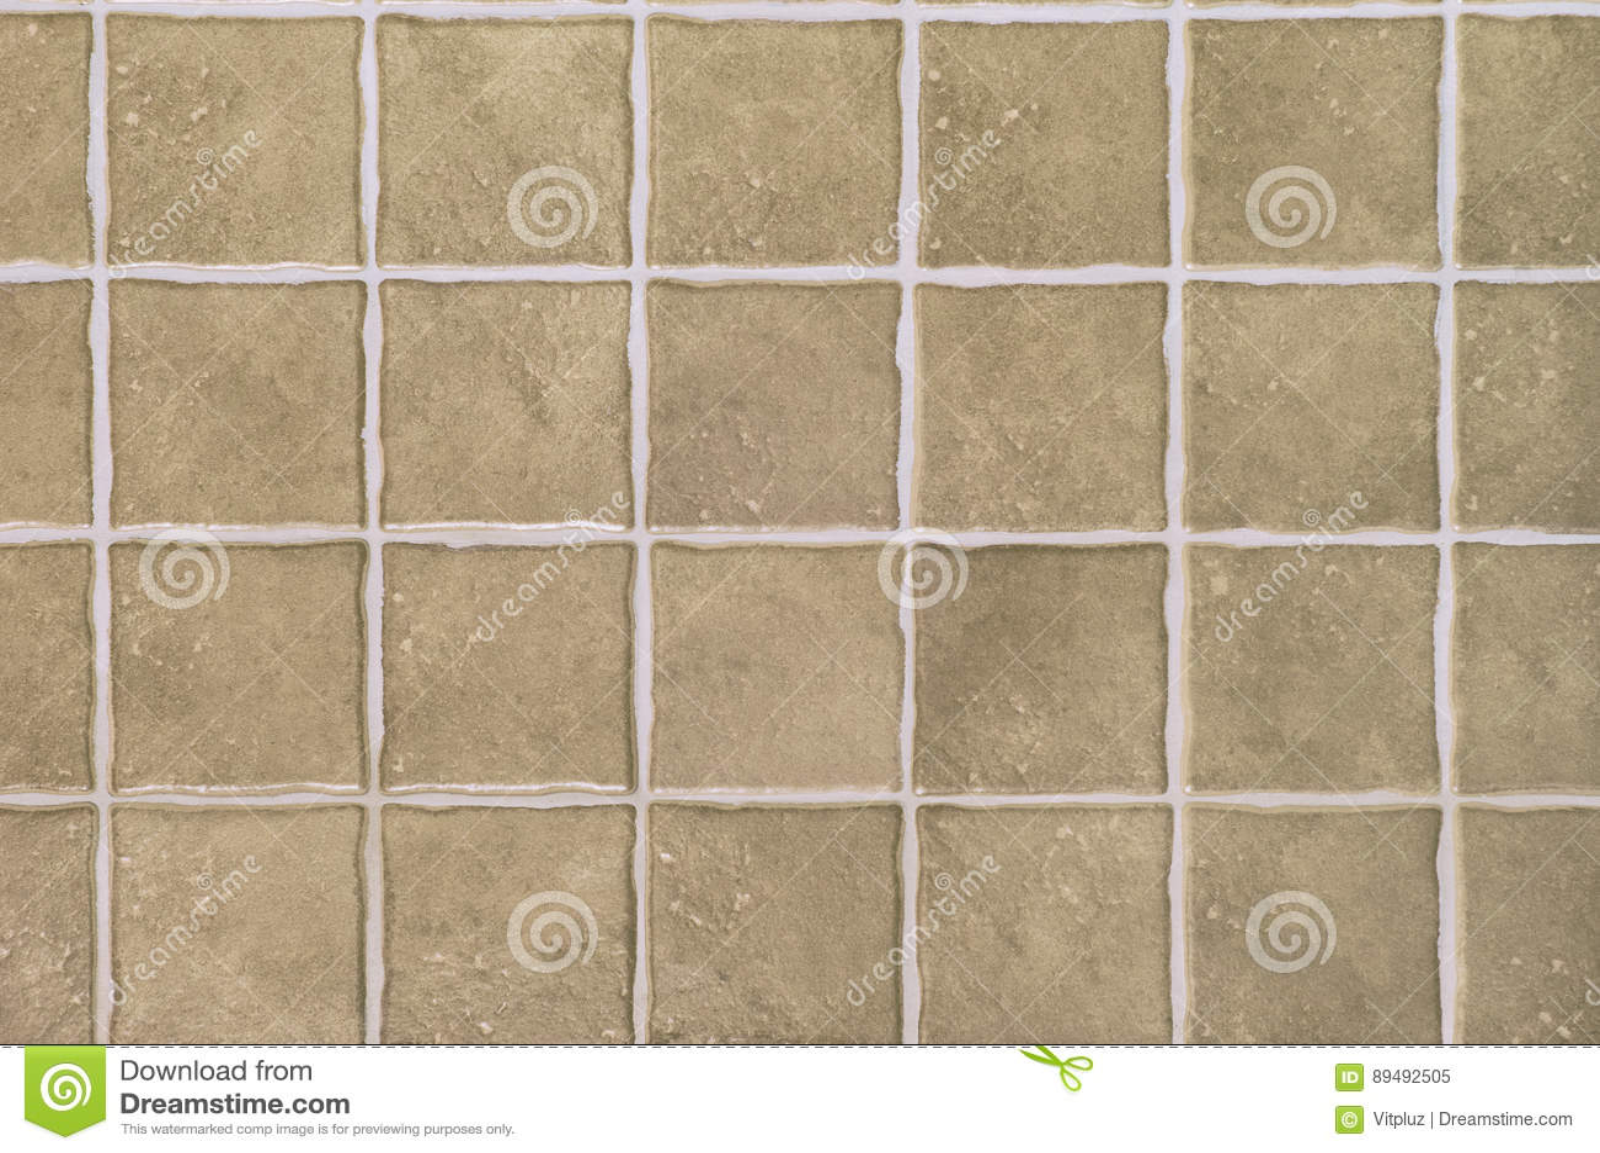 Alte braune Fliesen stockbild. Bild von badezimmer, mosaik ...